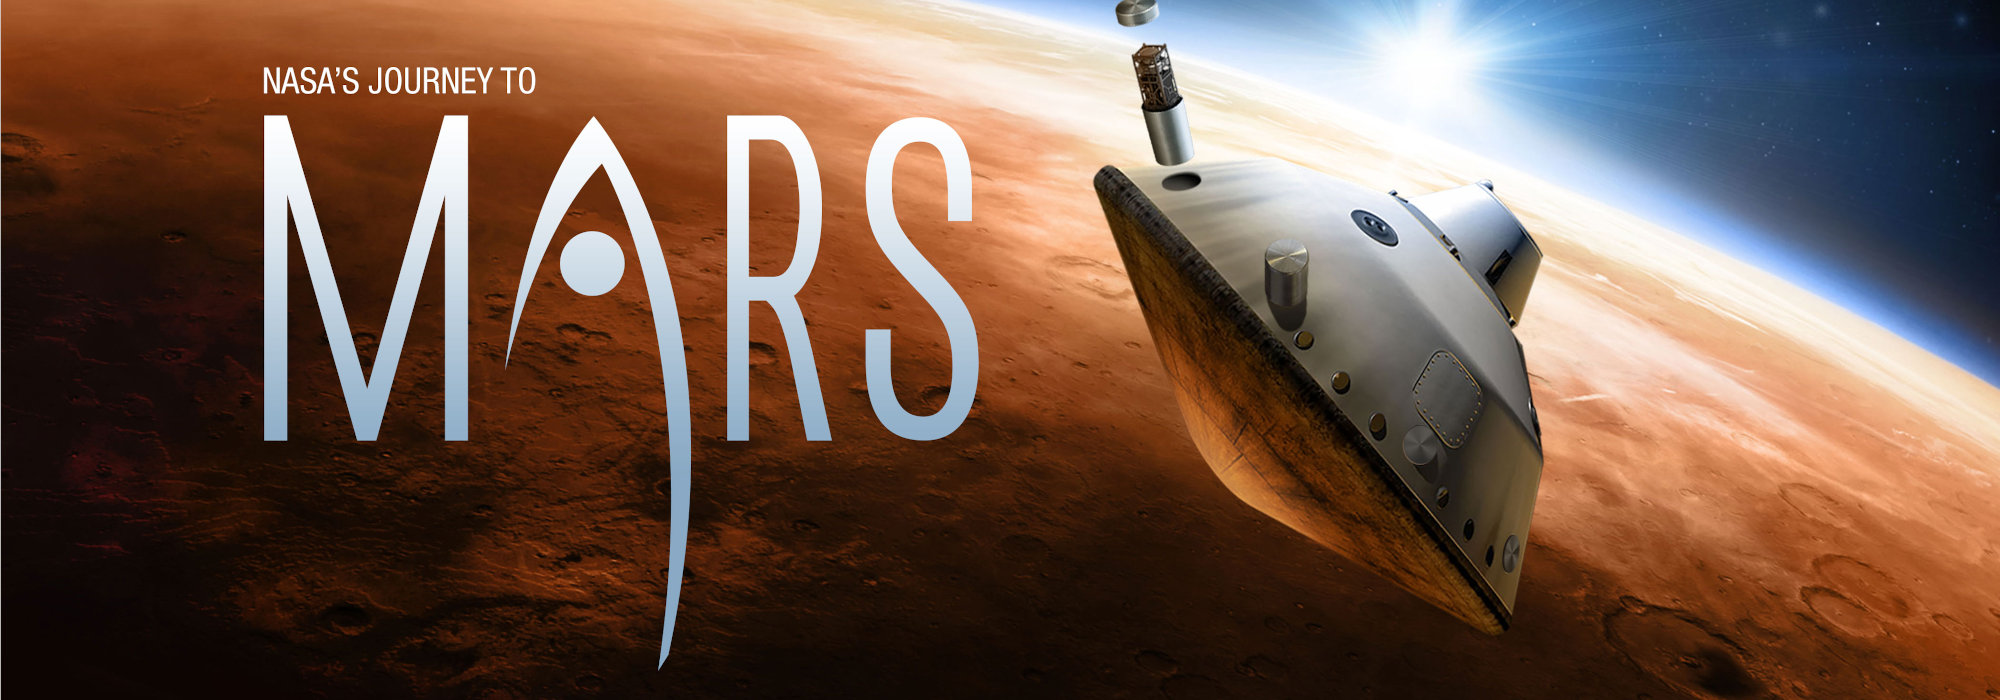 Al Jazeera Turk | Türkiye Mars'a yolculuk projesine katılmalı